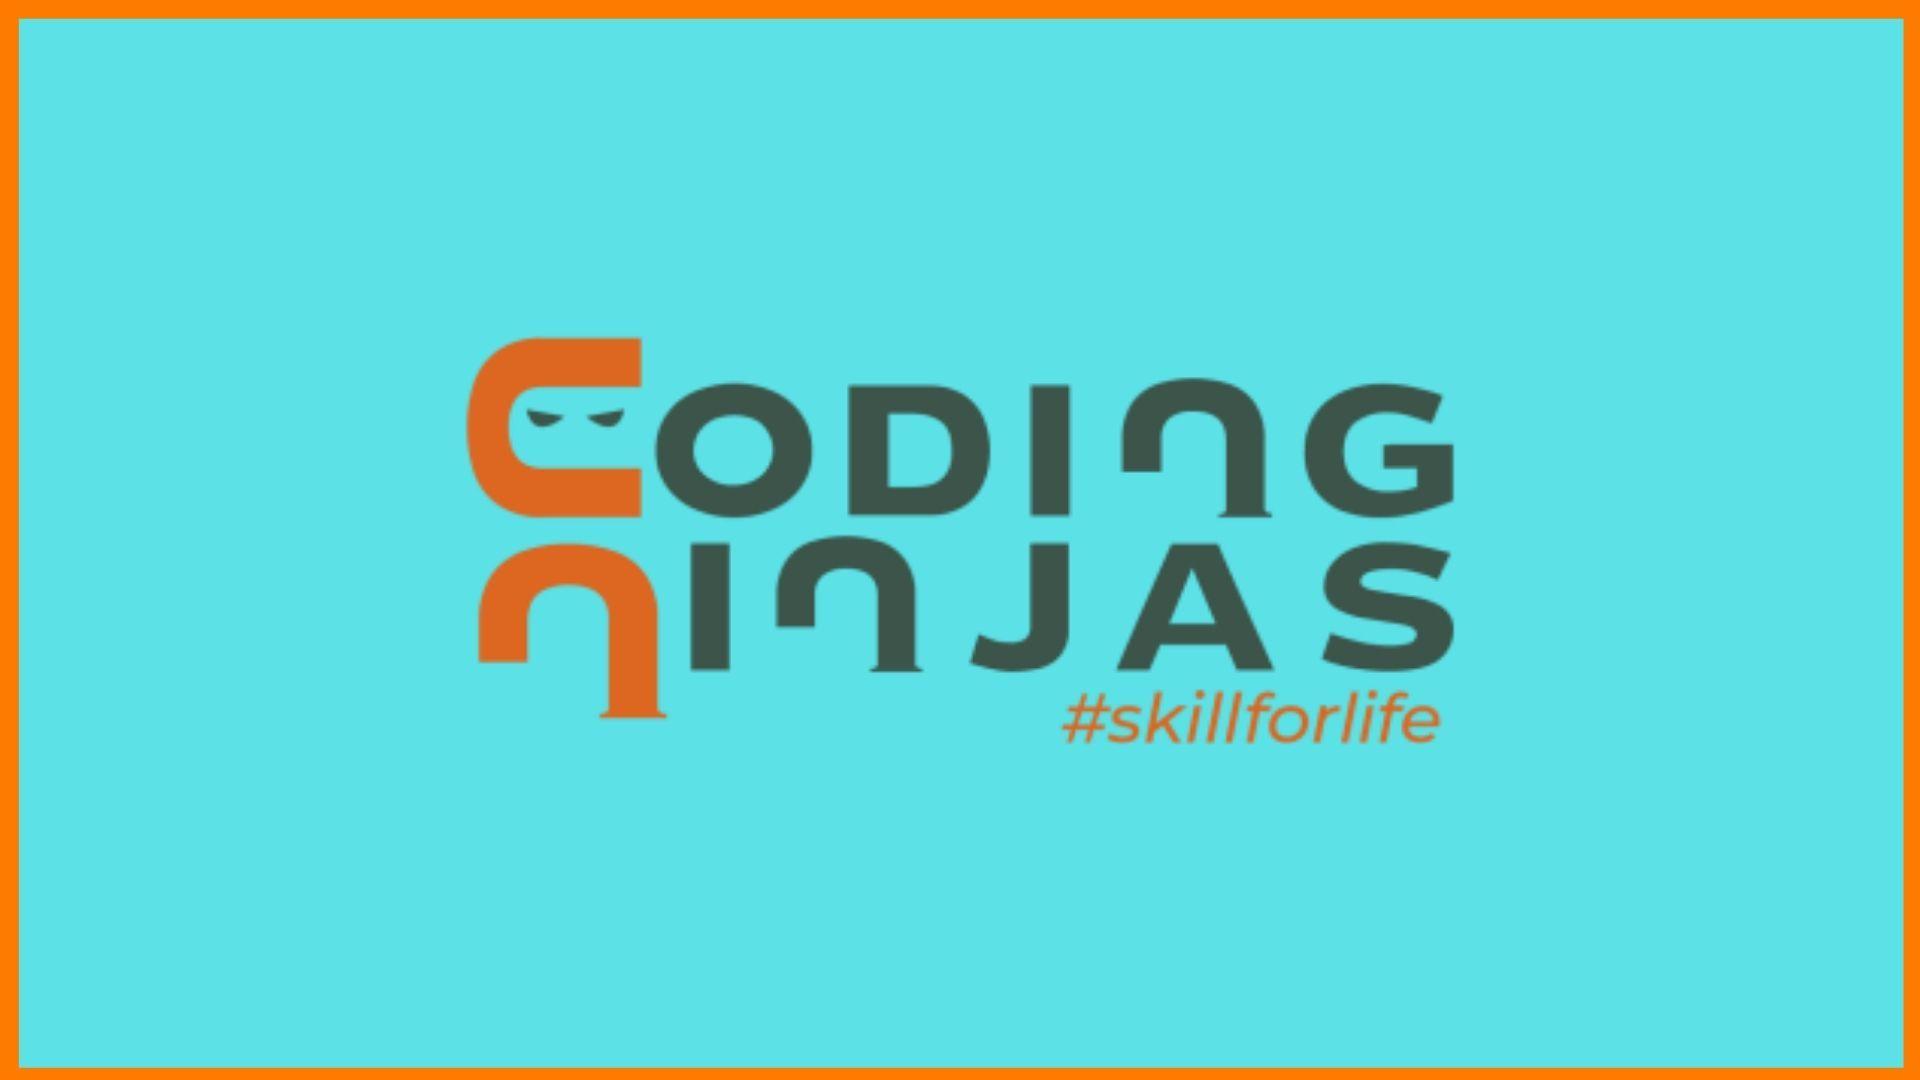 Coding Ninjas Logo